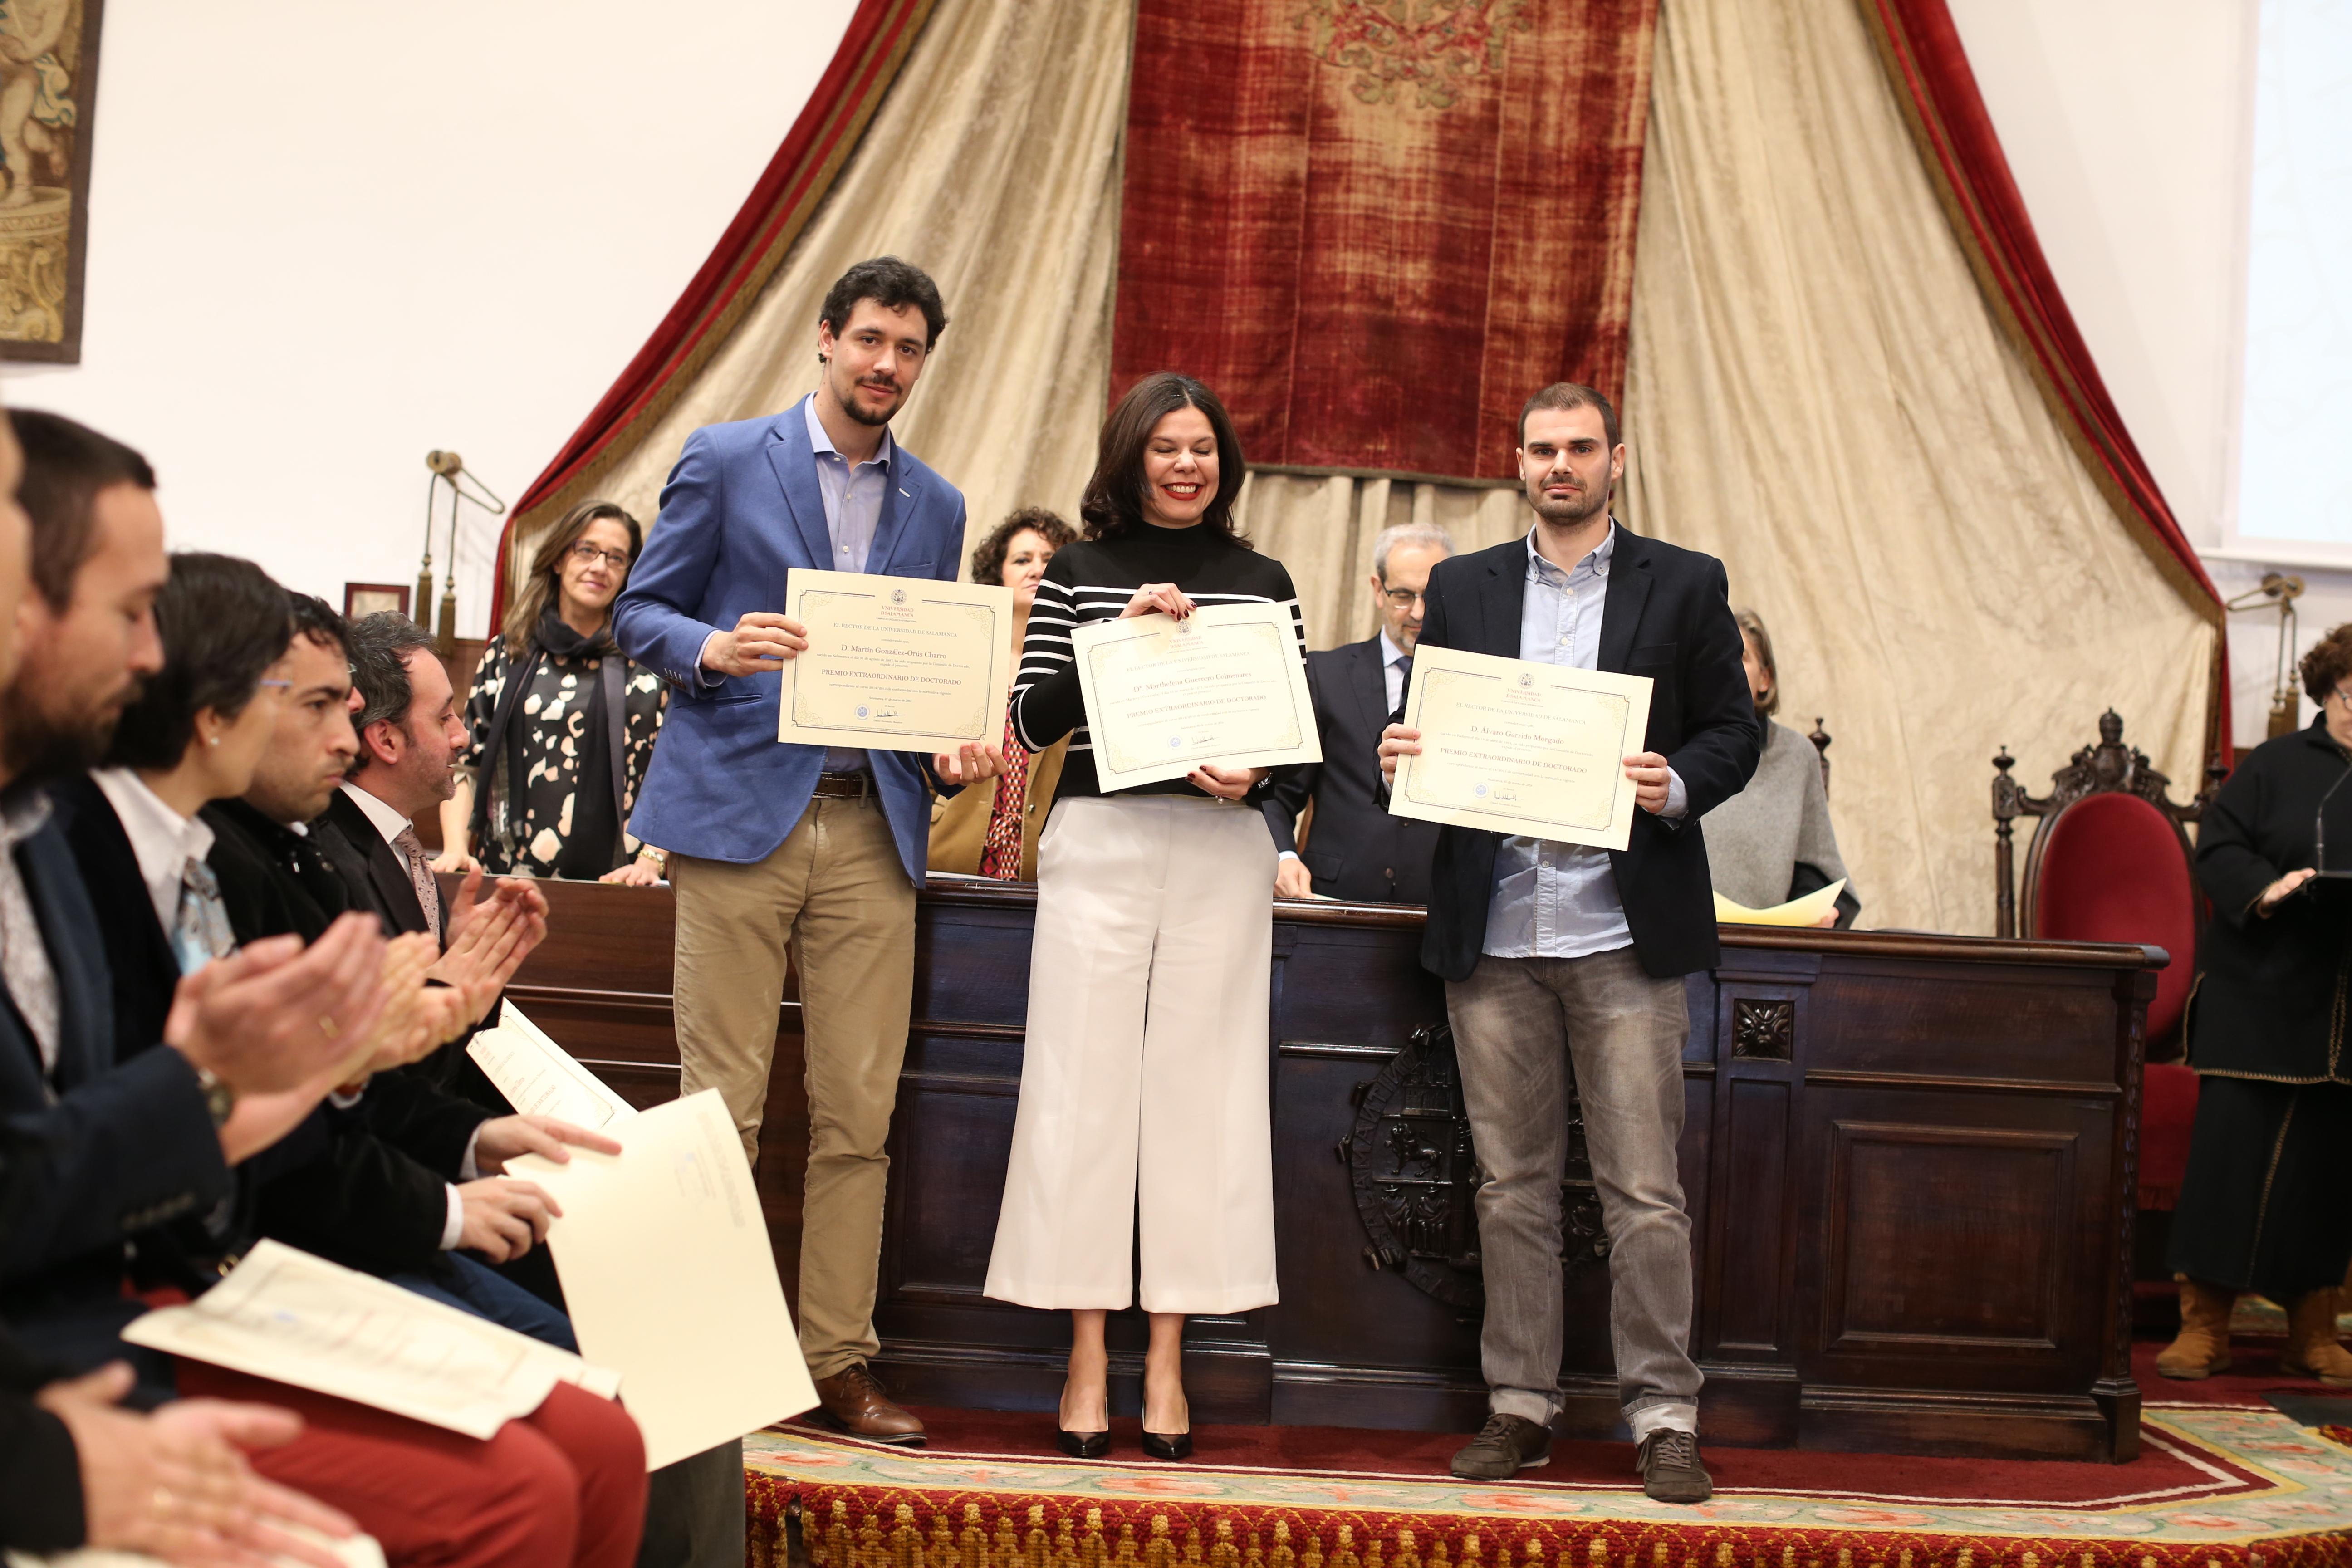 Fotografía de Premio Extraordinario de Doctorado - 6